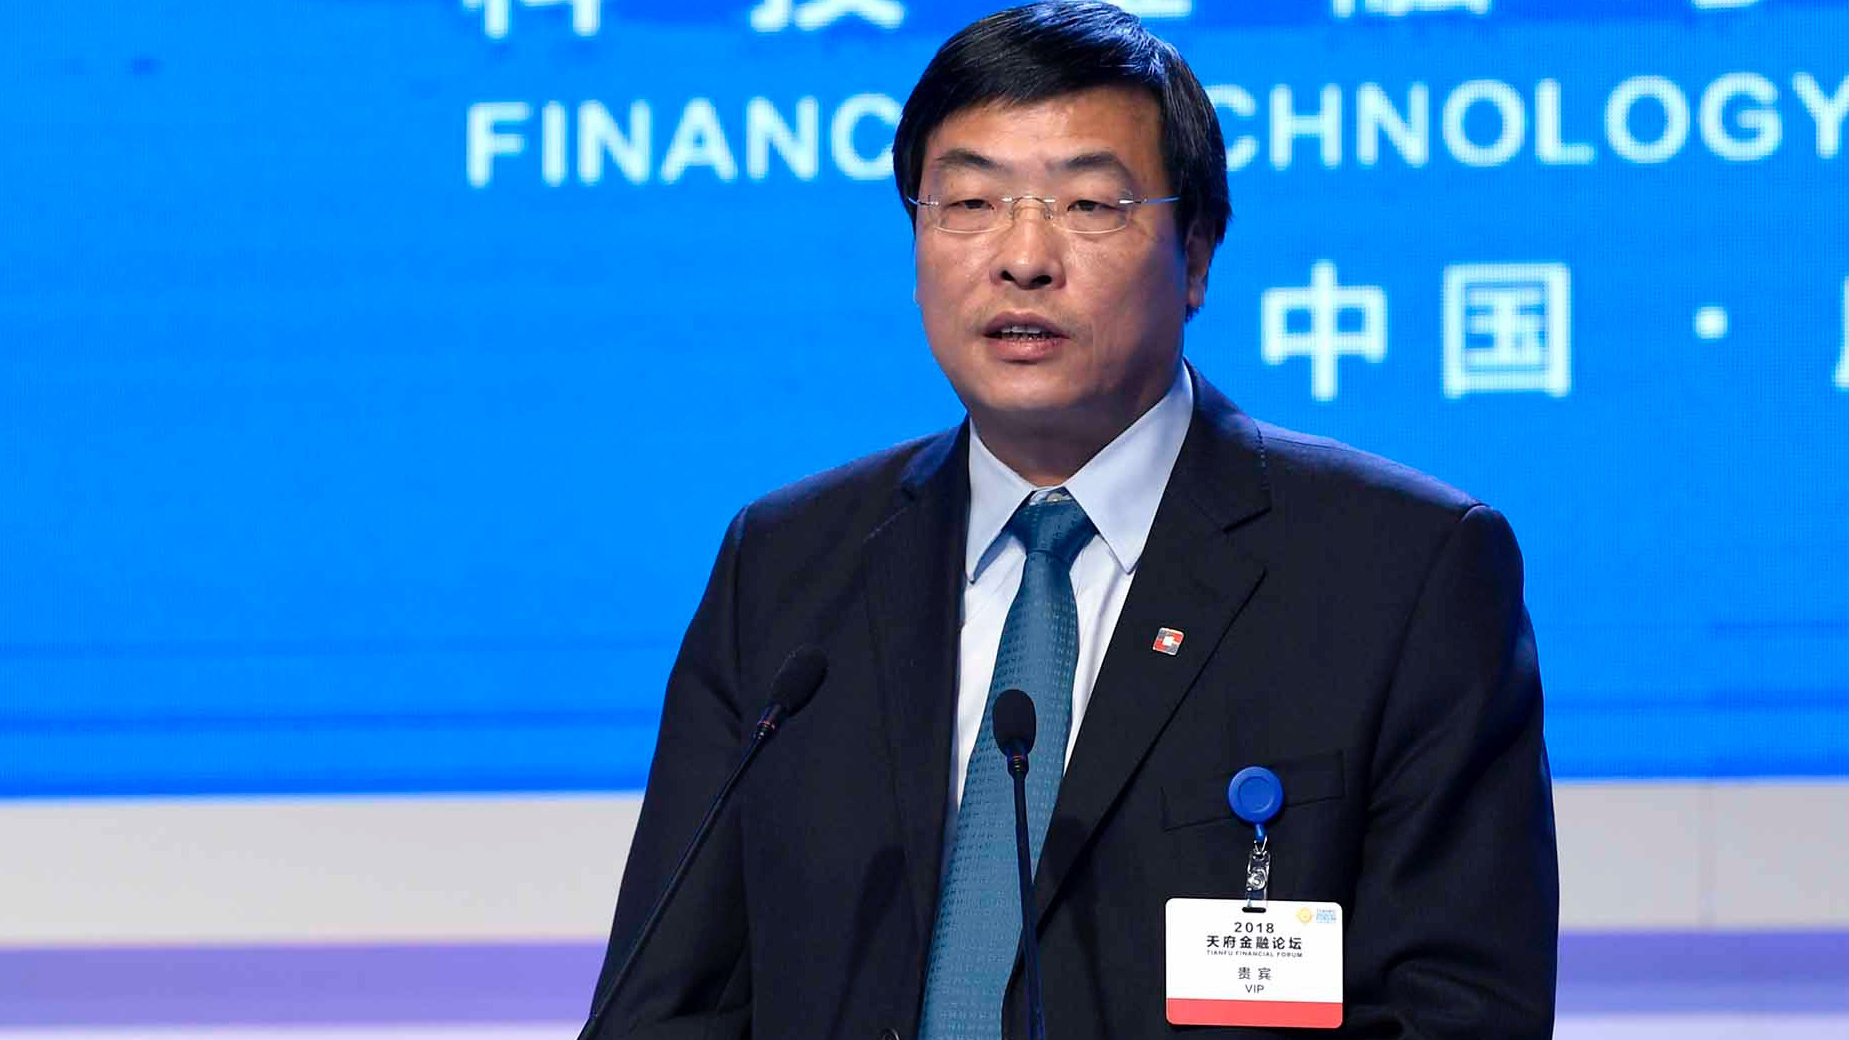 國家開發銀行原評審二局資深專家張林武。(Public Domain)